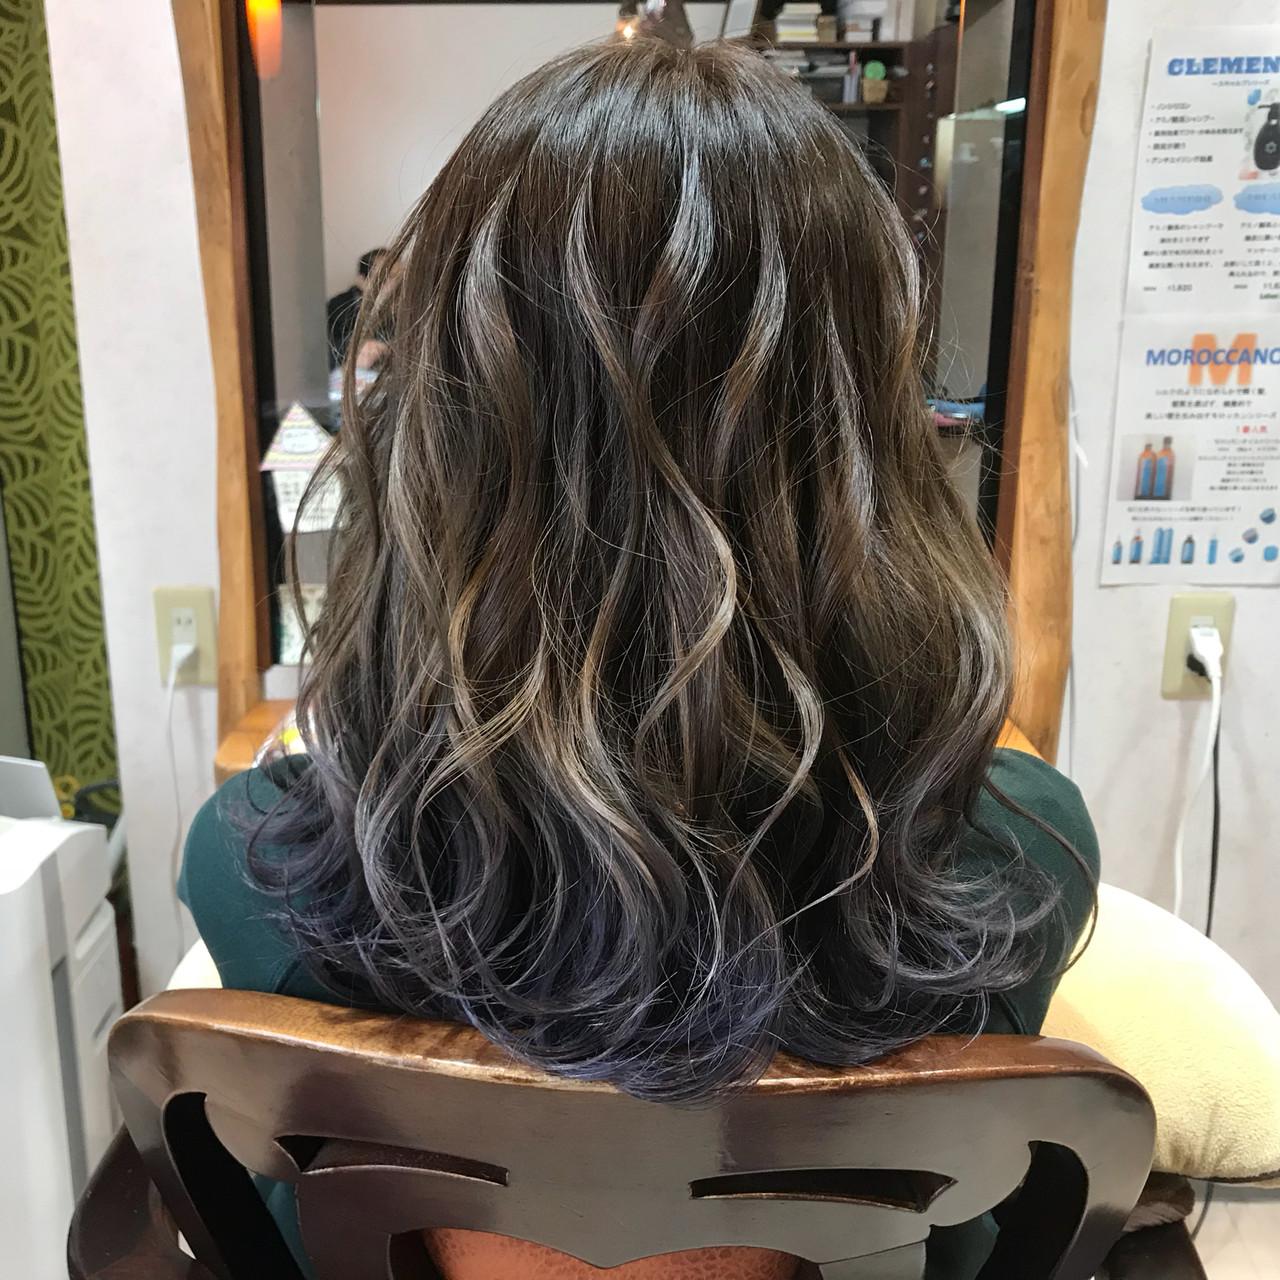 ゆるふわ セミロング ウェーブ 透明感 ヘアスタイルや髪型の写真・画像 | 飯田 誠也 / Coubertin